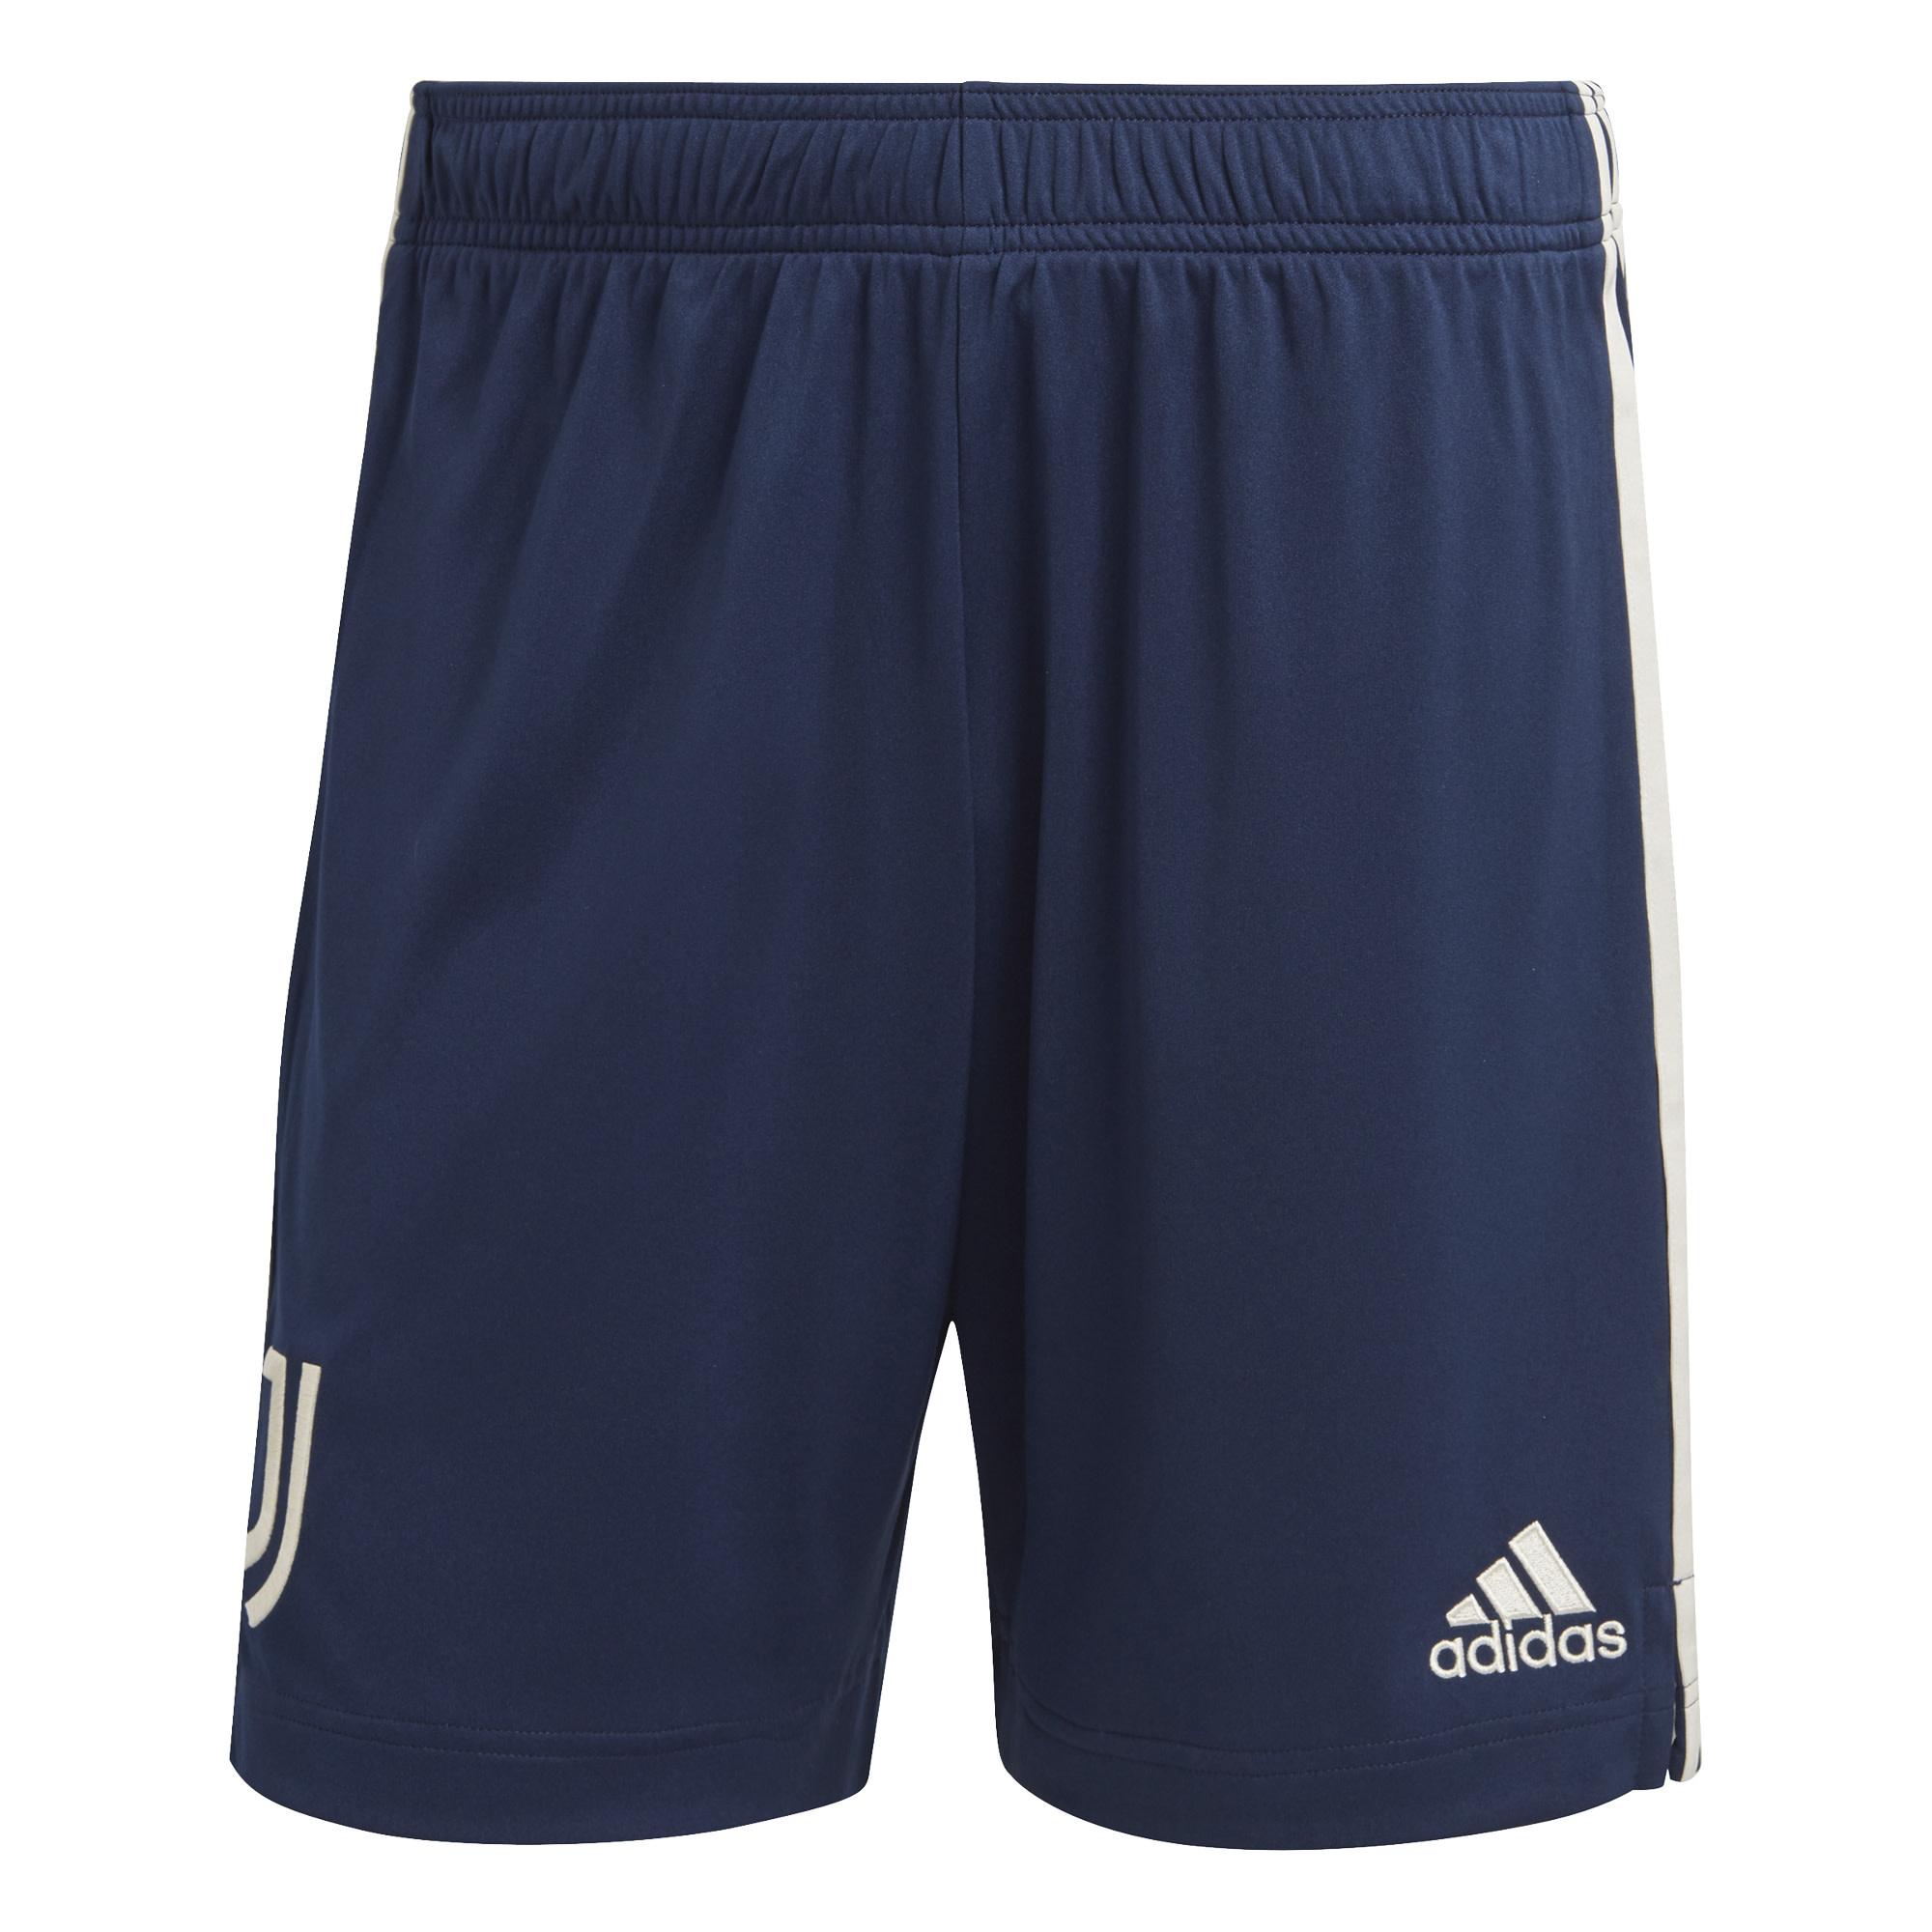 Adidas Juventus Away Short '20-'21